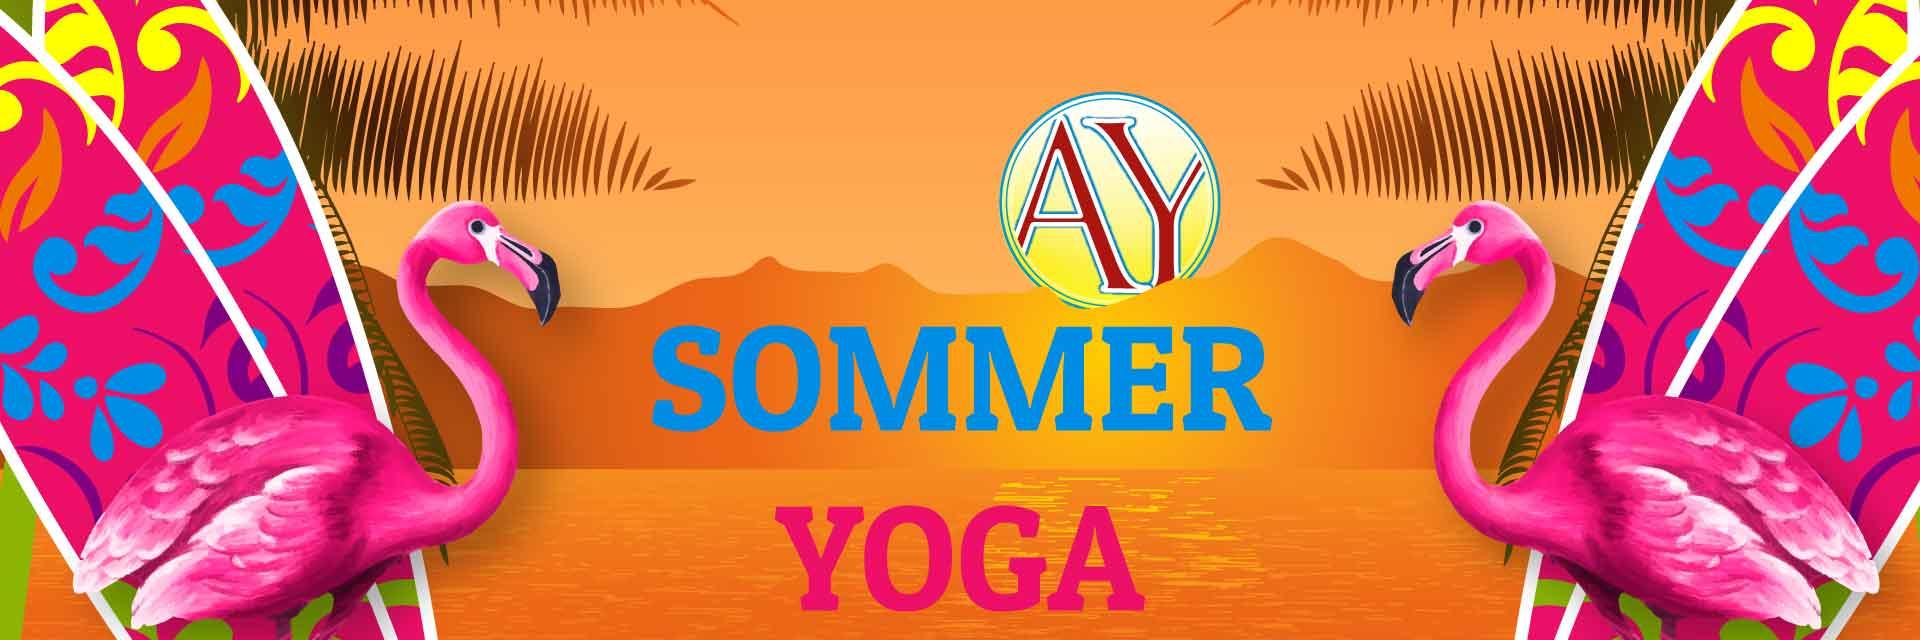 Sommeryoga als kleines Übungsprogramm